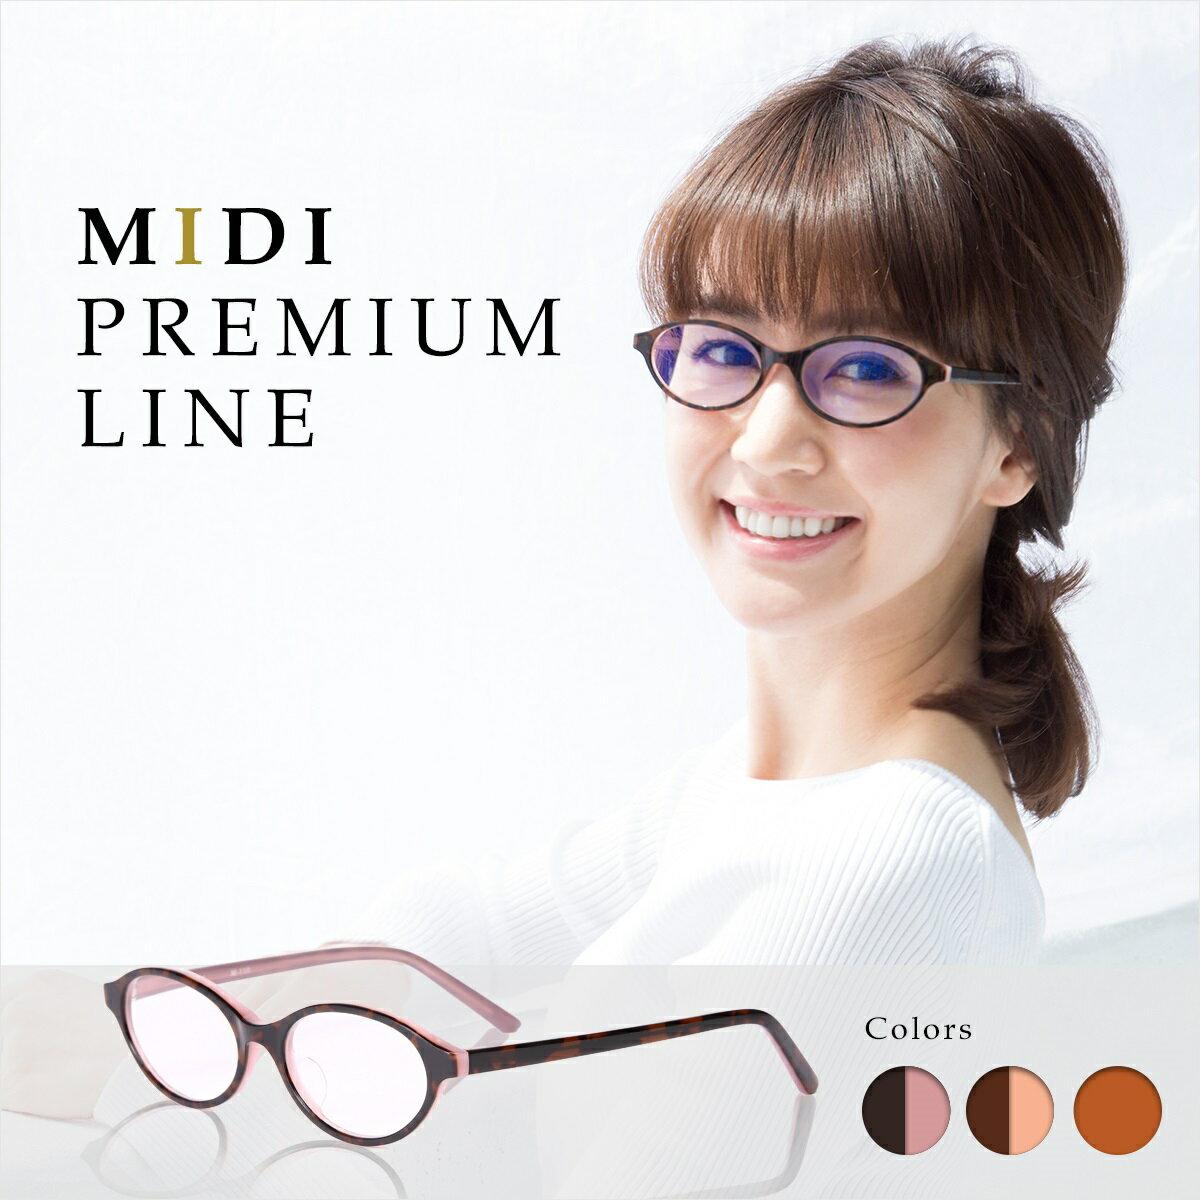 【MIDIプレミアムライン】本格派アセテートのお洒落オーバルリーディンググラス(M-110) 「もっと可愛く!」 老眼鏡 女性 おしゃれ ブルーライト ブルーライトカット PCリーディンググラス PC老眼鏡 ブルーライトカットレンズ搭載